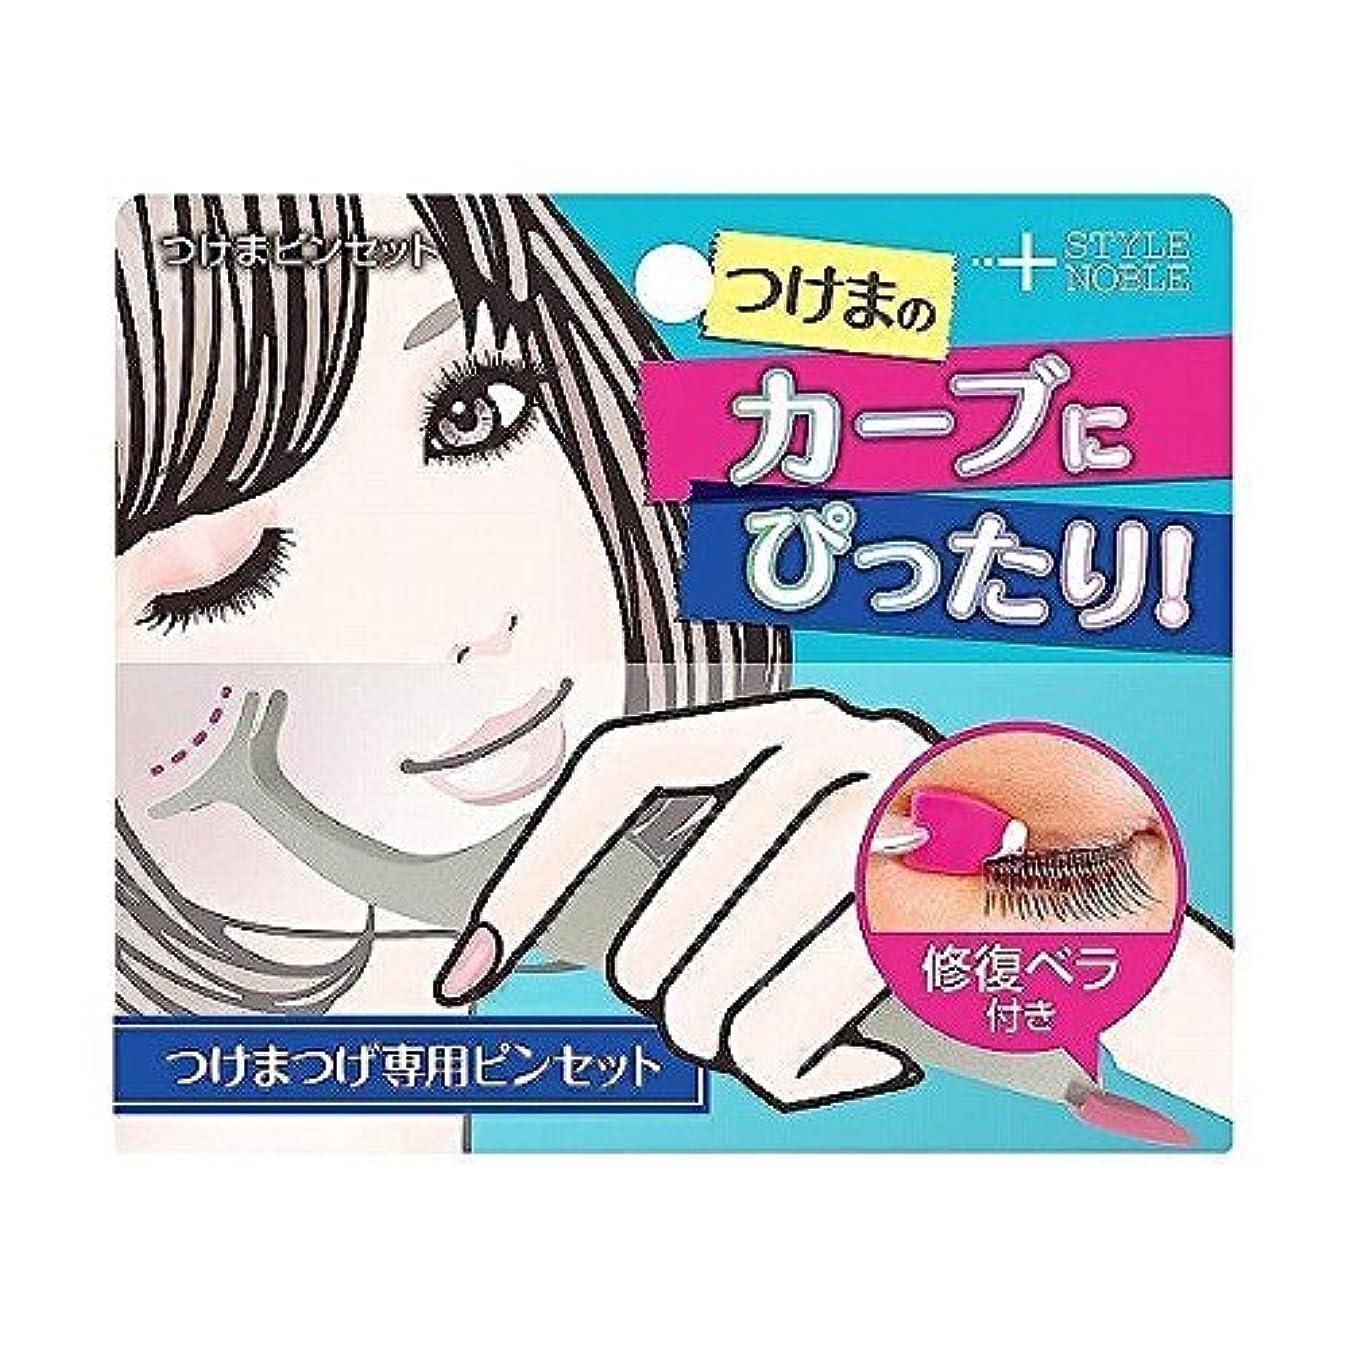 美容師通訳微生物STYLE&NOBLE つけまピンセット